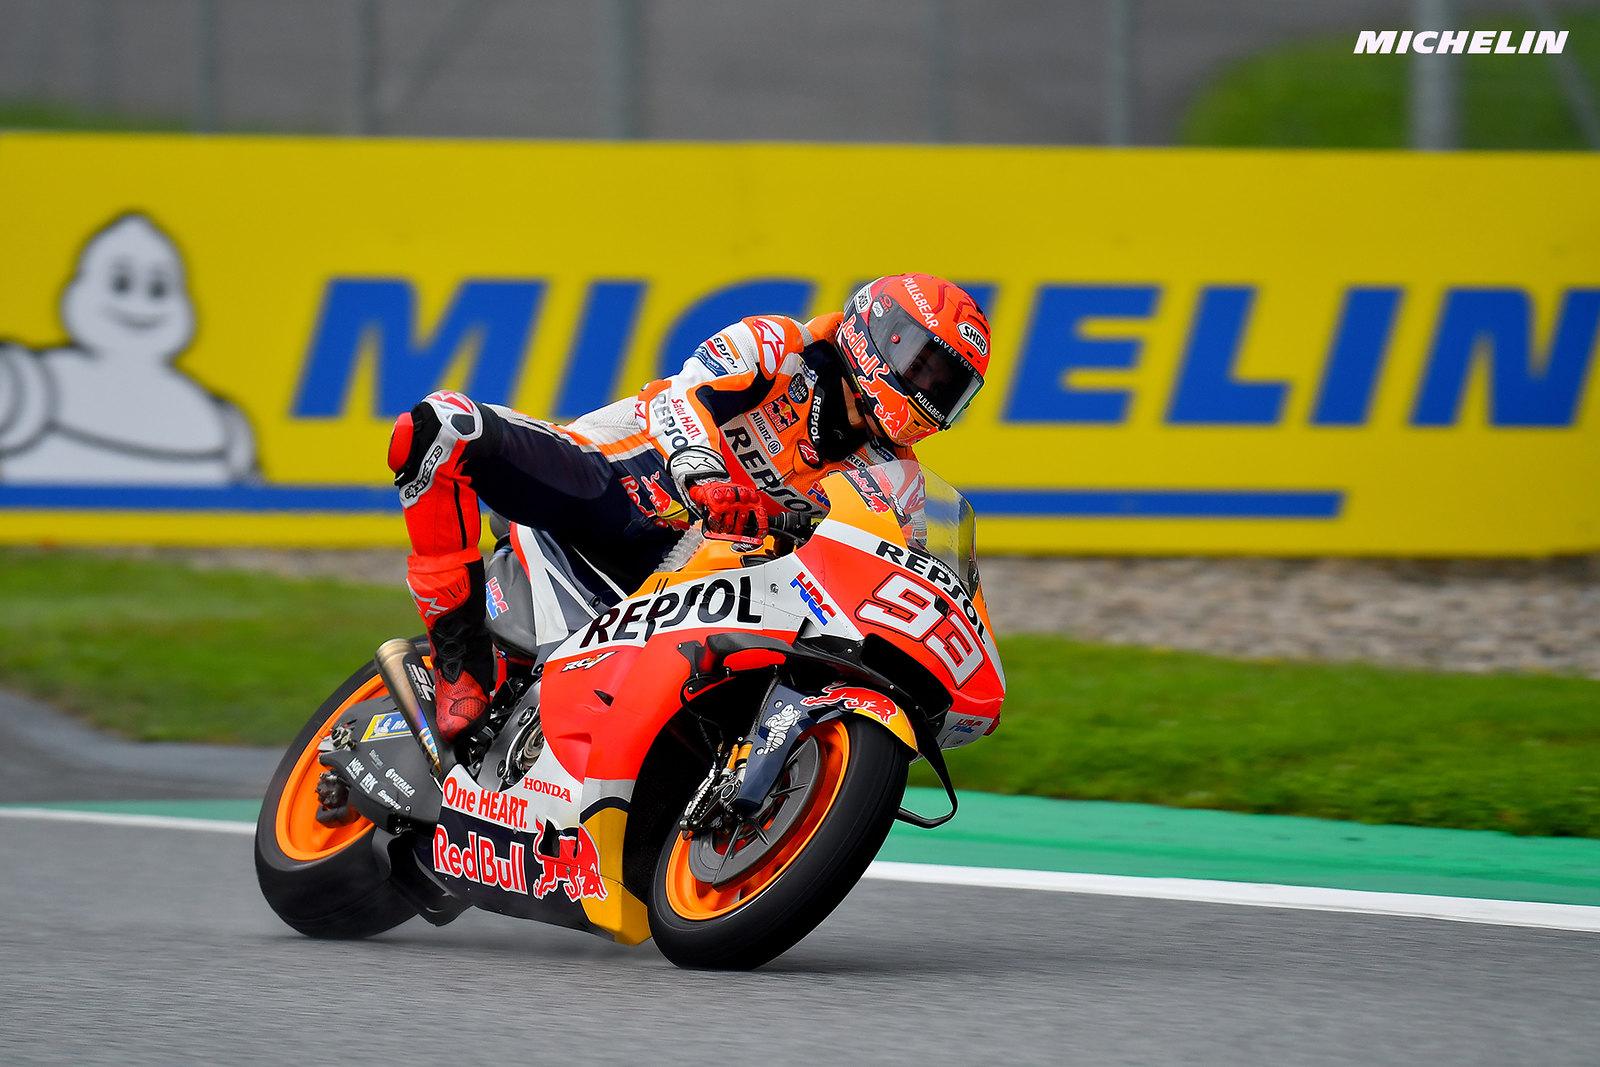 MotoGP2021オーストリアGP 初日総合  9位マルク・マルケス「レースも大事だが、新パーツのテストも大事」